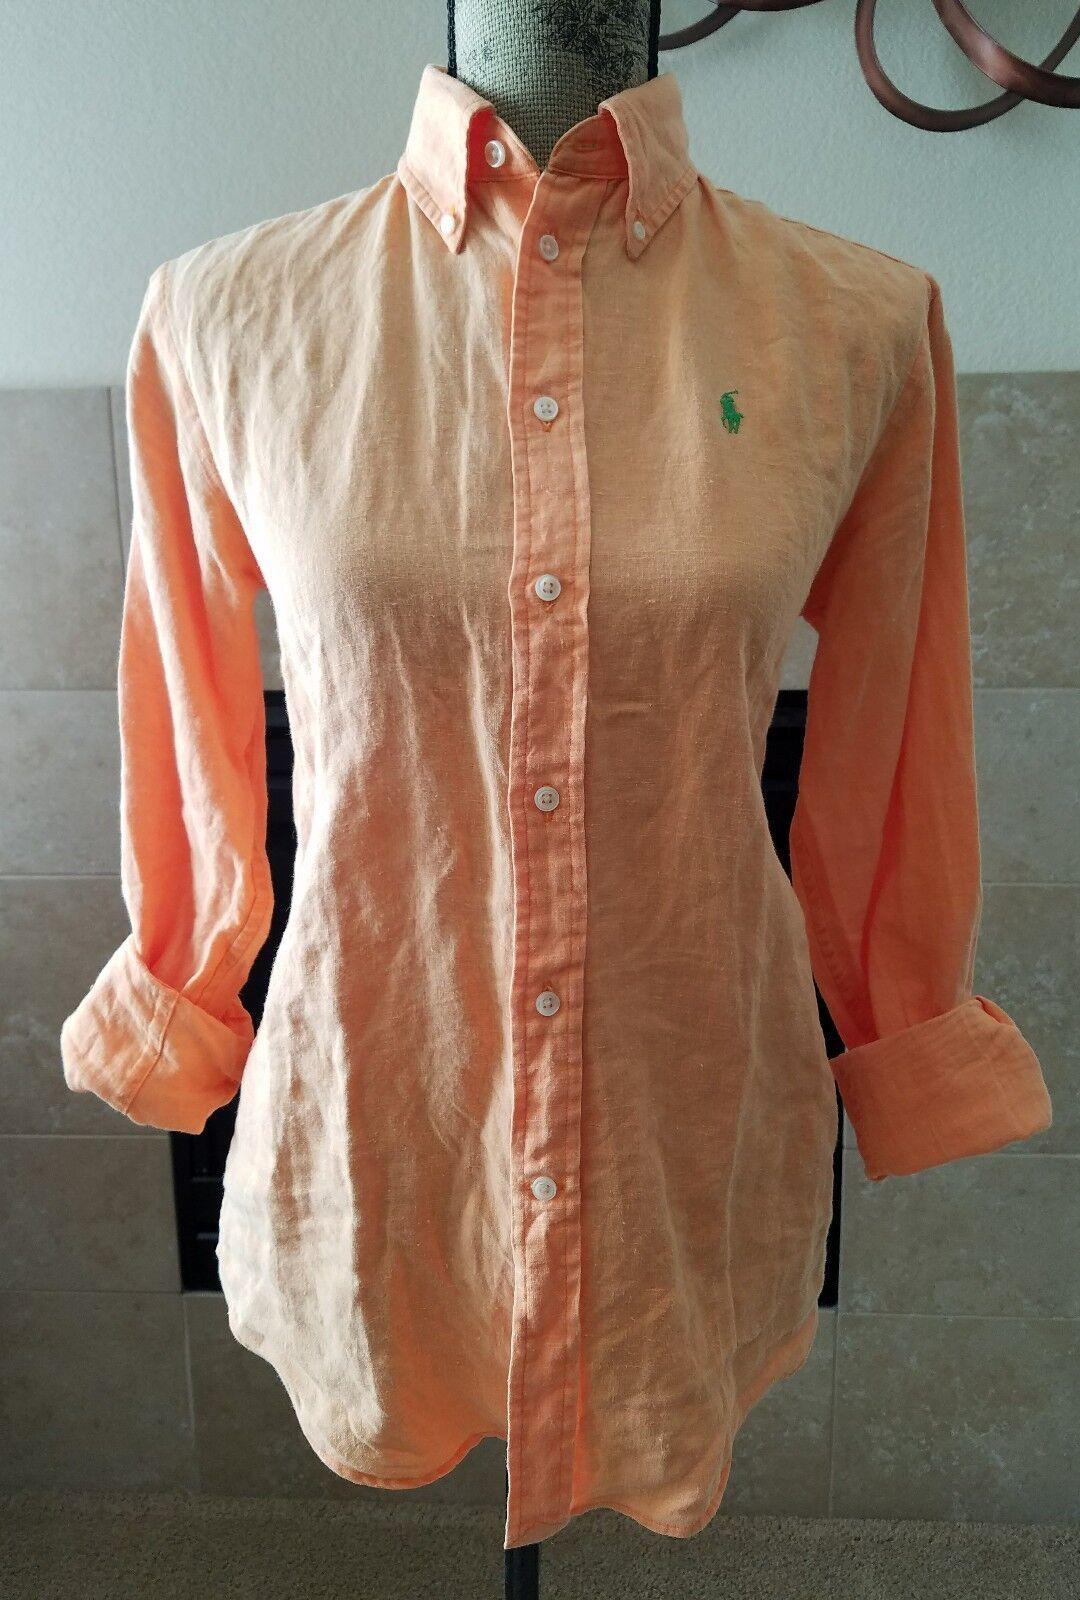 8819fee76 Polo Ralph Lauren Women's Linen Oxford Button Down Shirt Number 2 ...